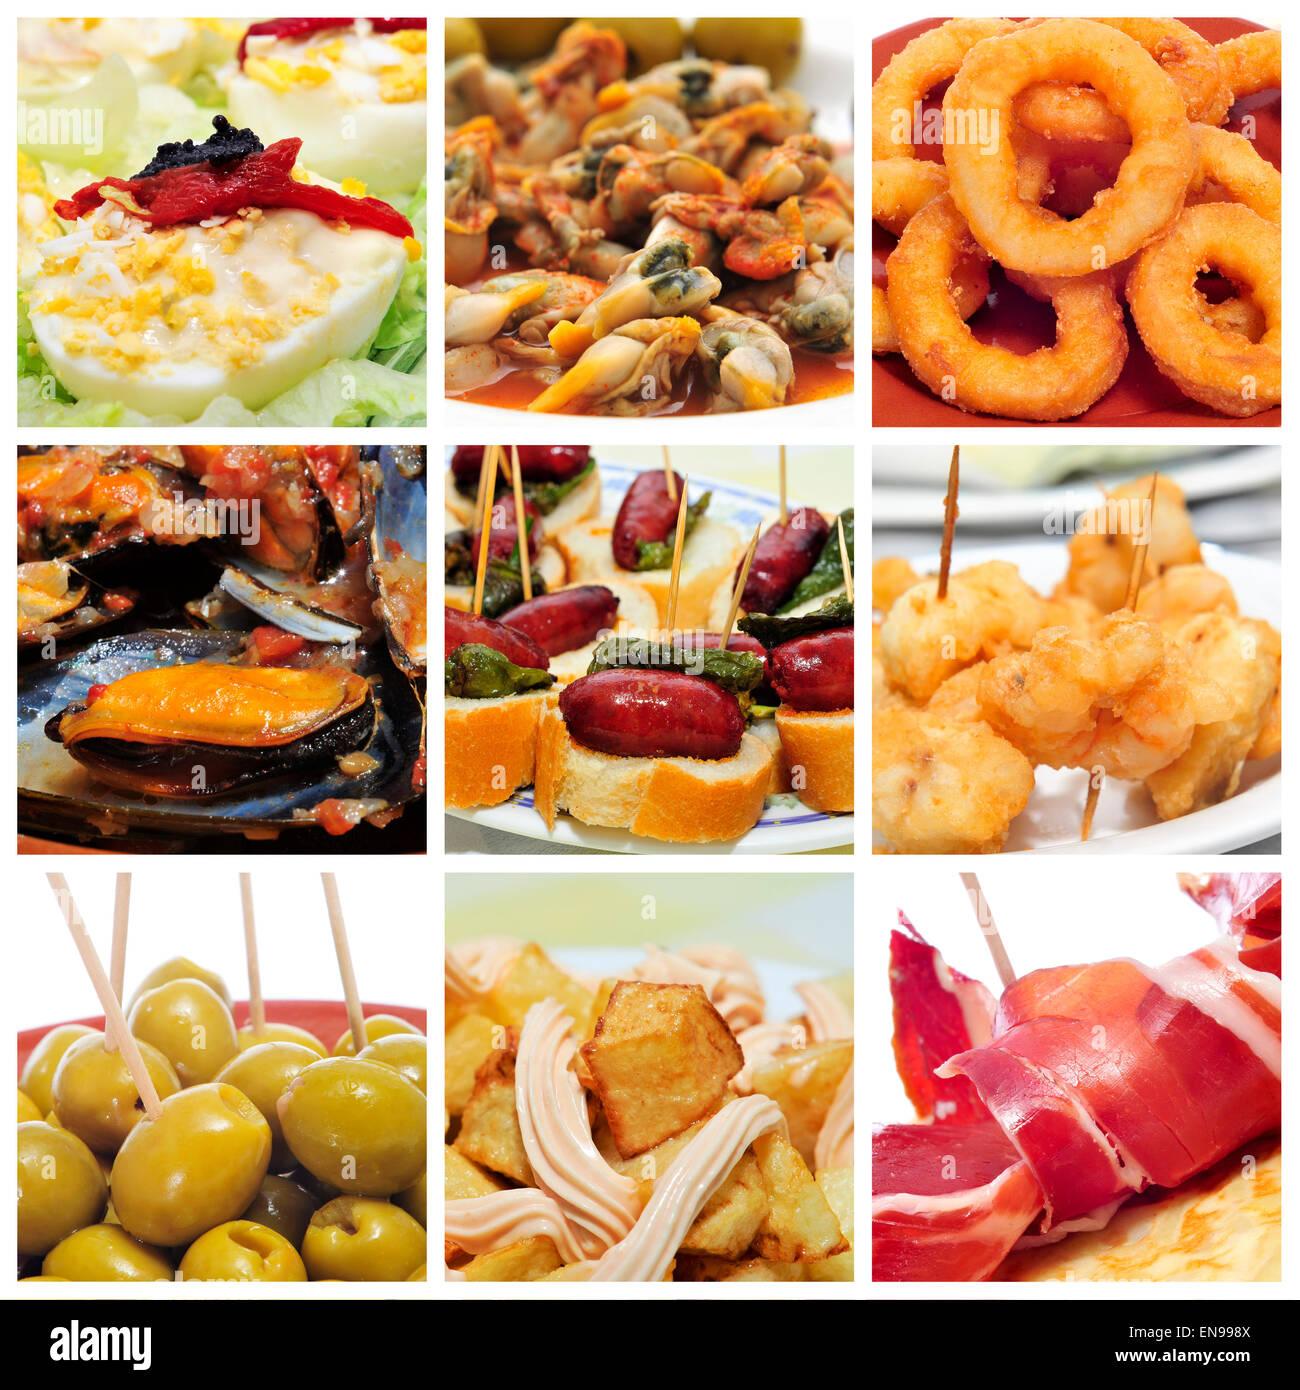 Un collage de nueve fotografías de diferentes tapas españolas, como los calamares a la romana (rabas), mejillones a la marinera (mu Foto de stock